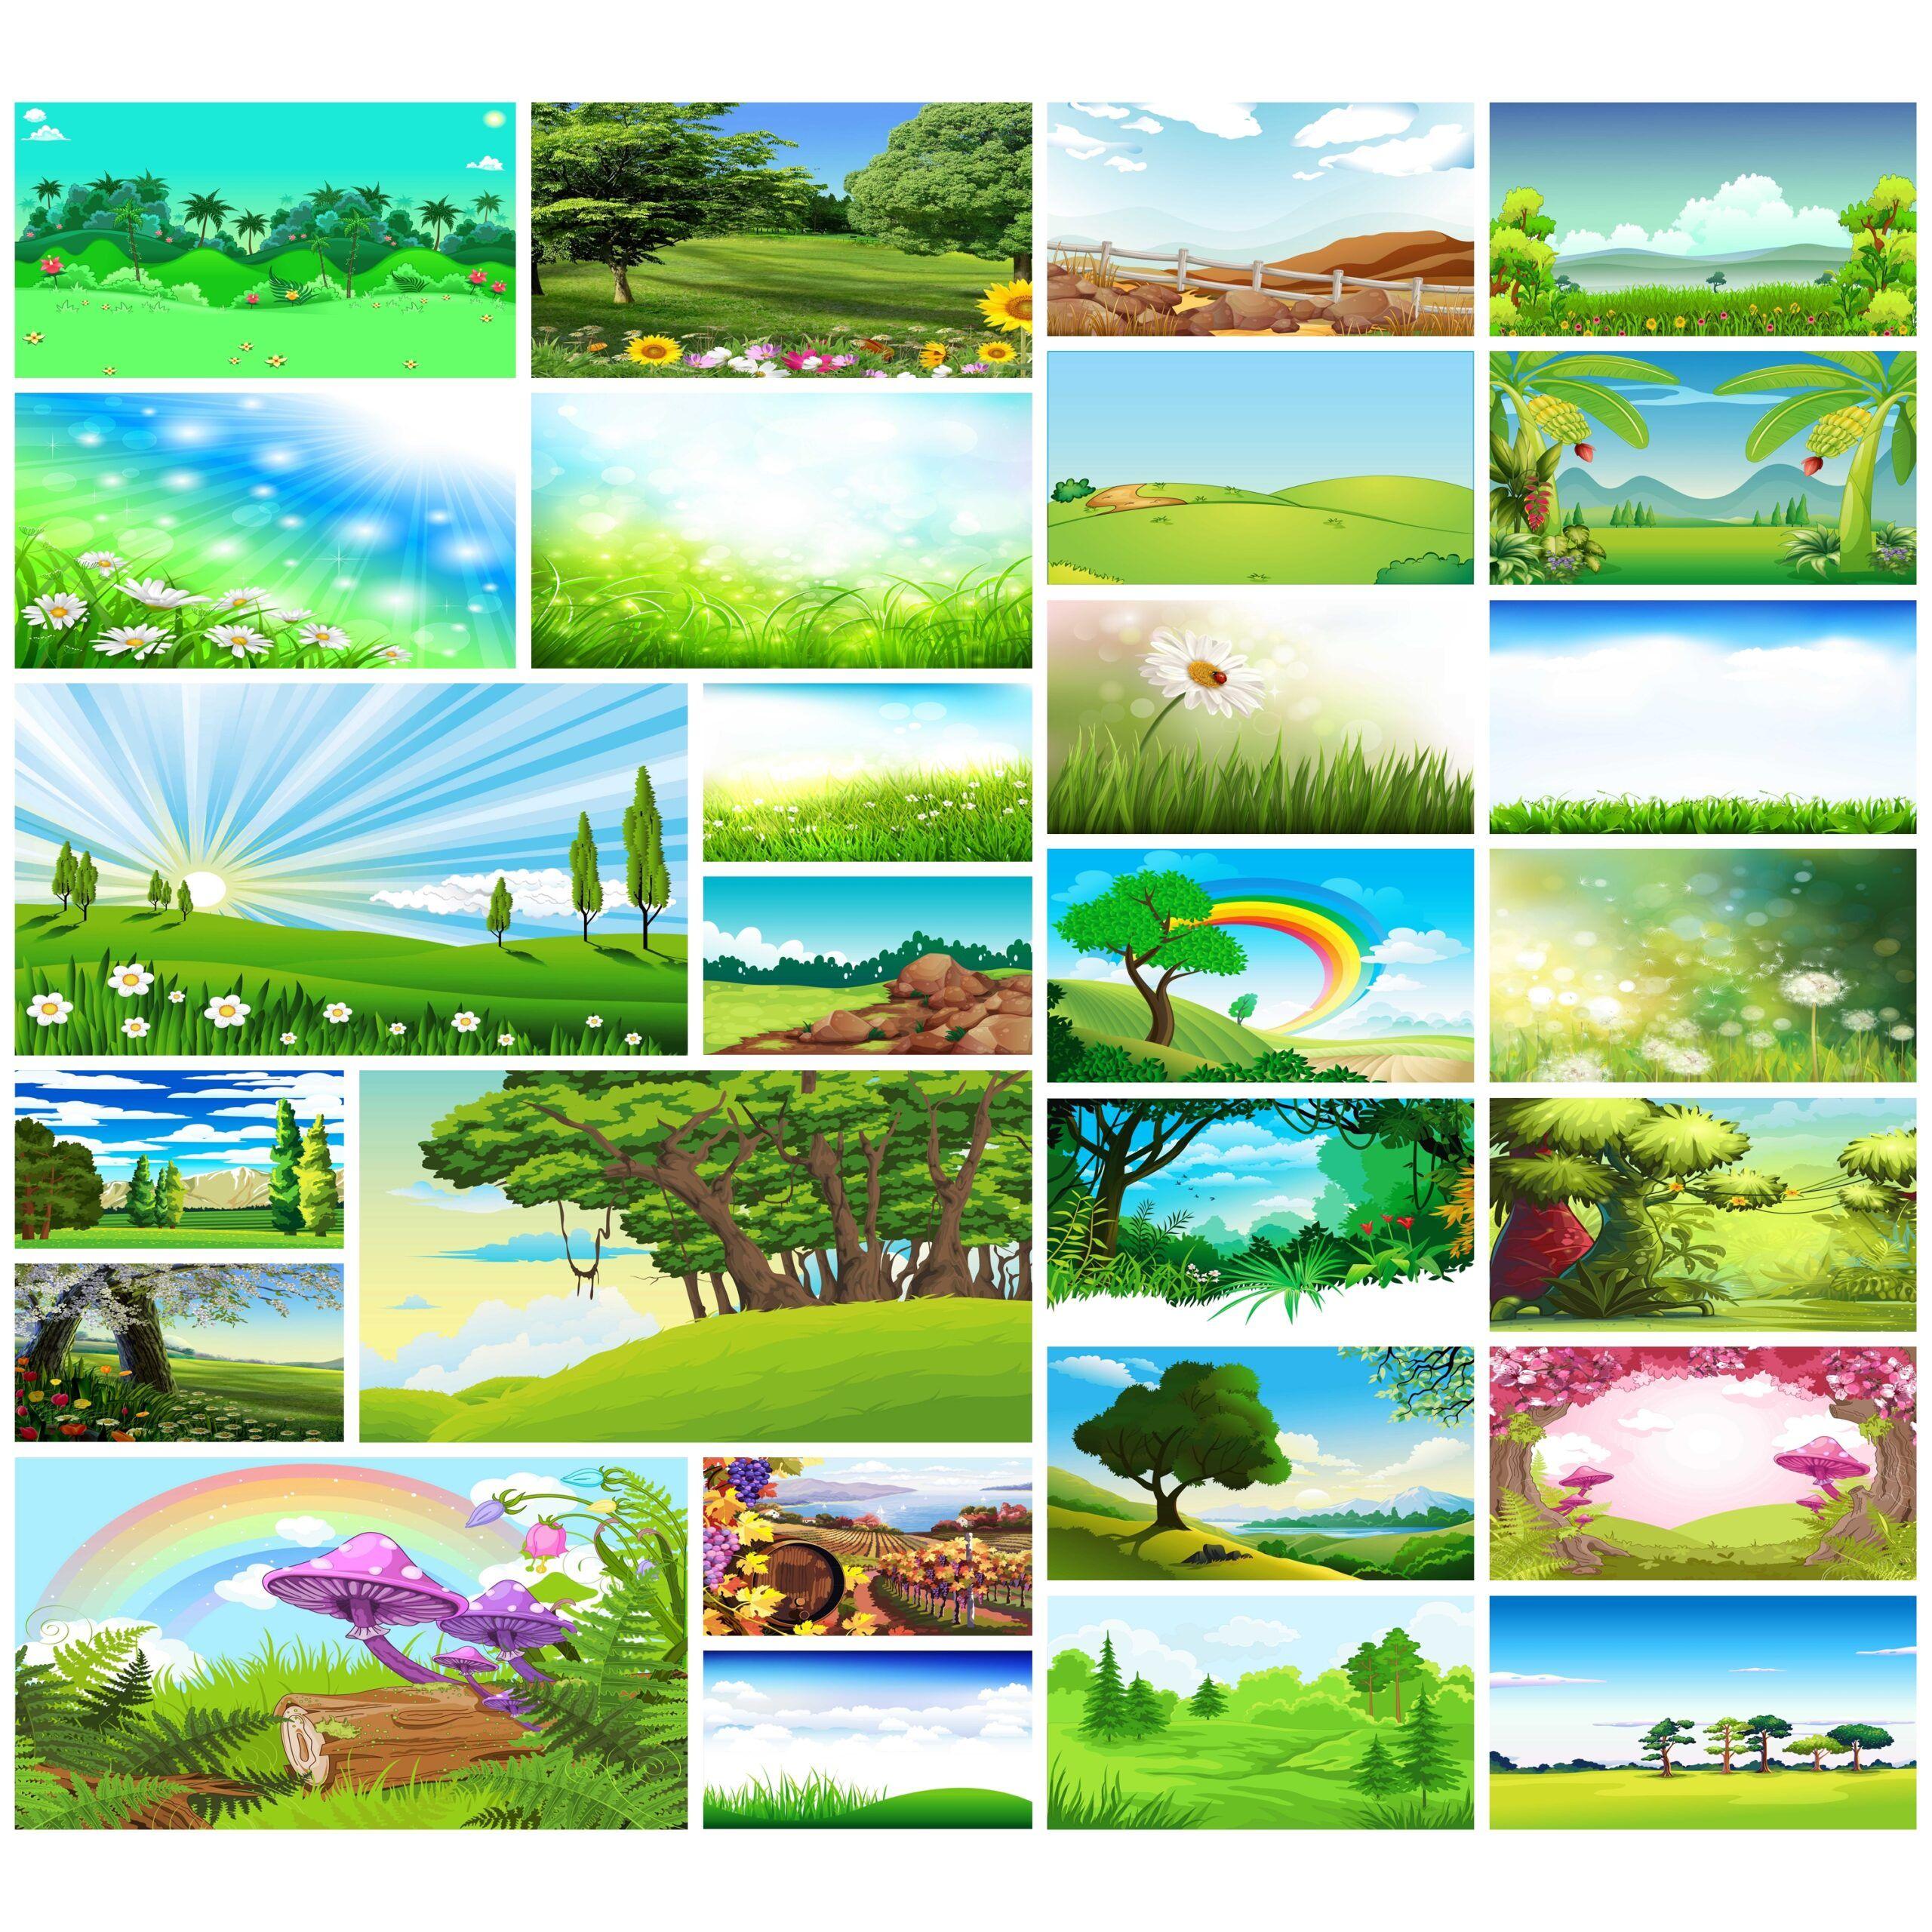 خلفيات المراعي الخضراء لعروض البوربوينت In 2021 Golf Courses Field